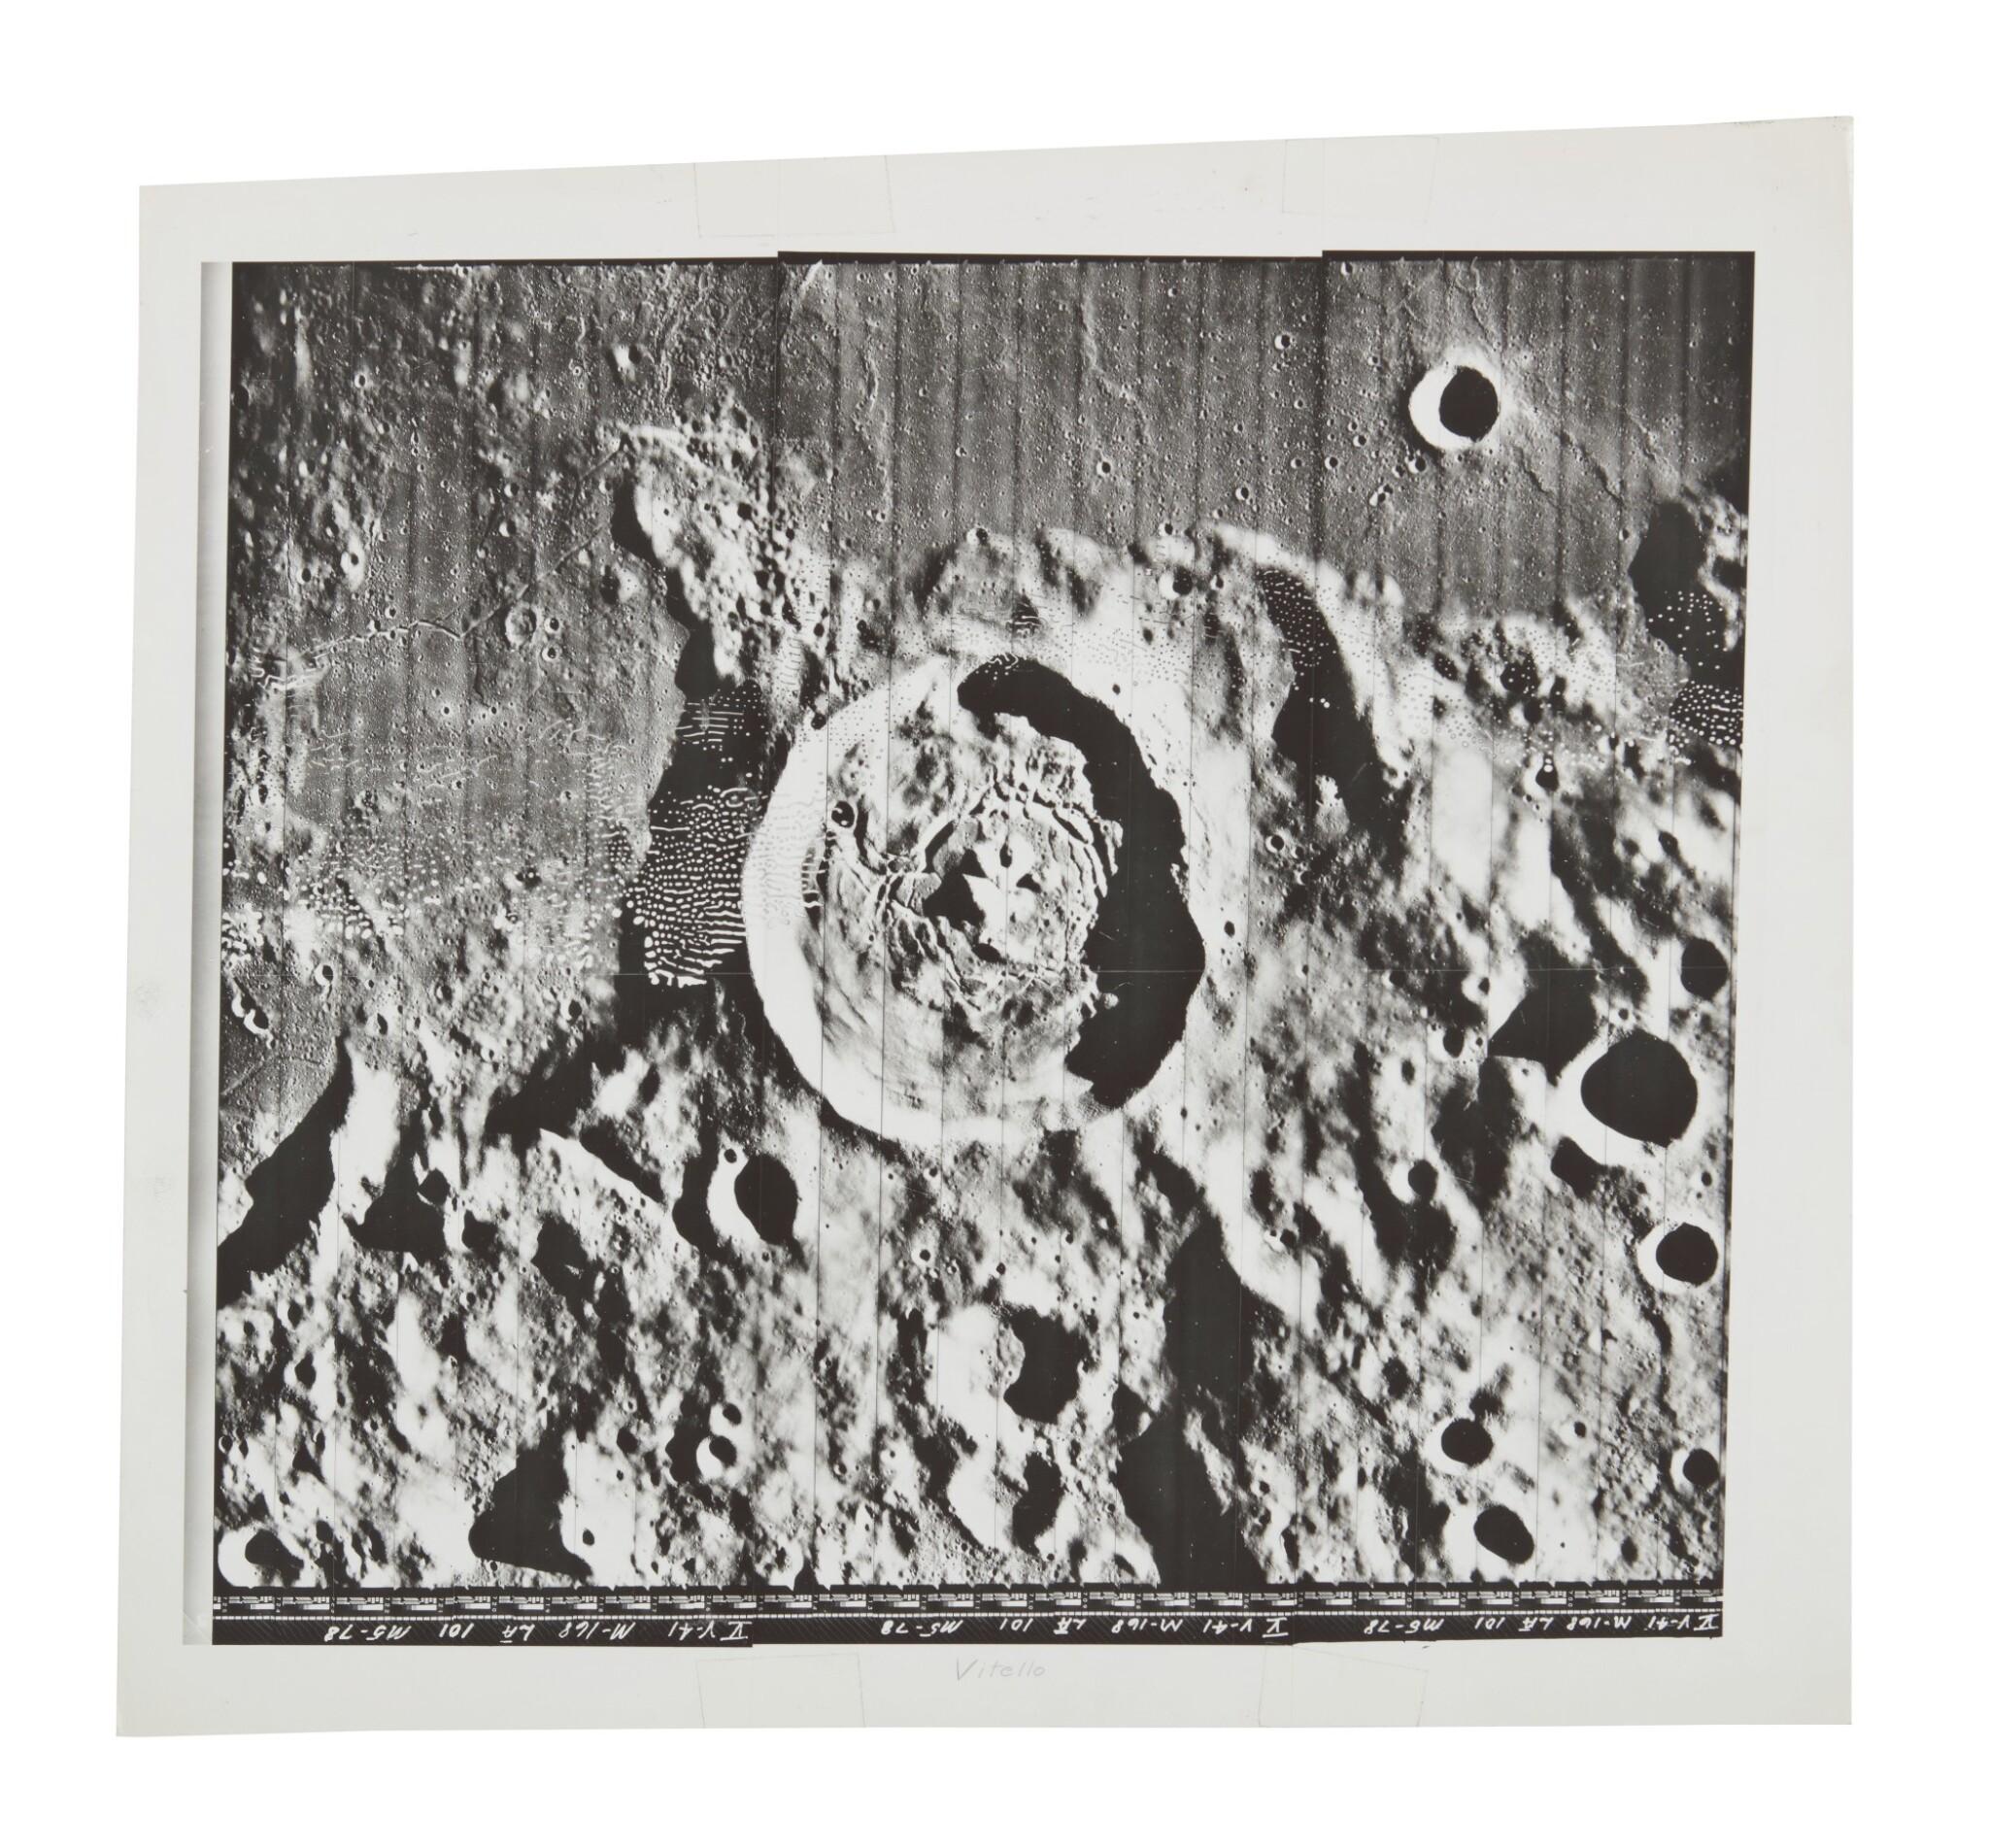 LUNAR ORBITER V. OVERHEAD VIEW OF CRATER VITELLO, 1967.